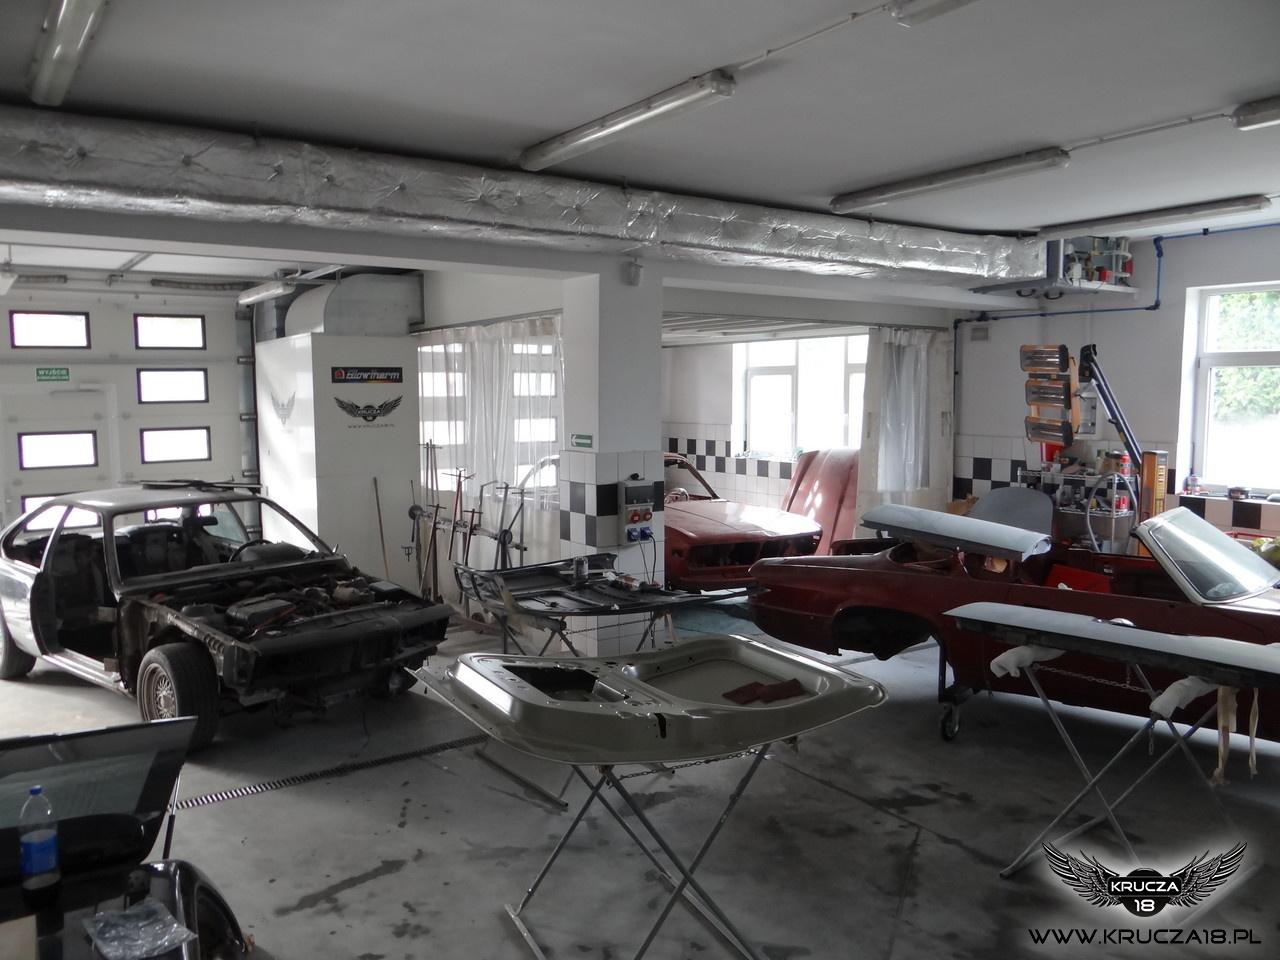 Renowacjach pojazdów zabytkowych, projekty realizowane są w technologii NOVOL for Classic Car. Projekty w trakcie realizacji  24.10.2014